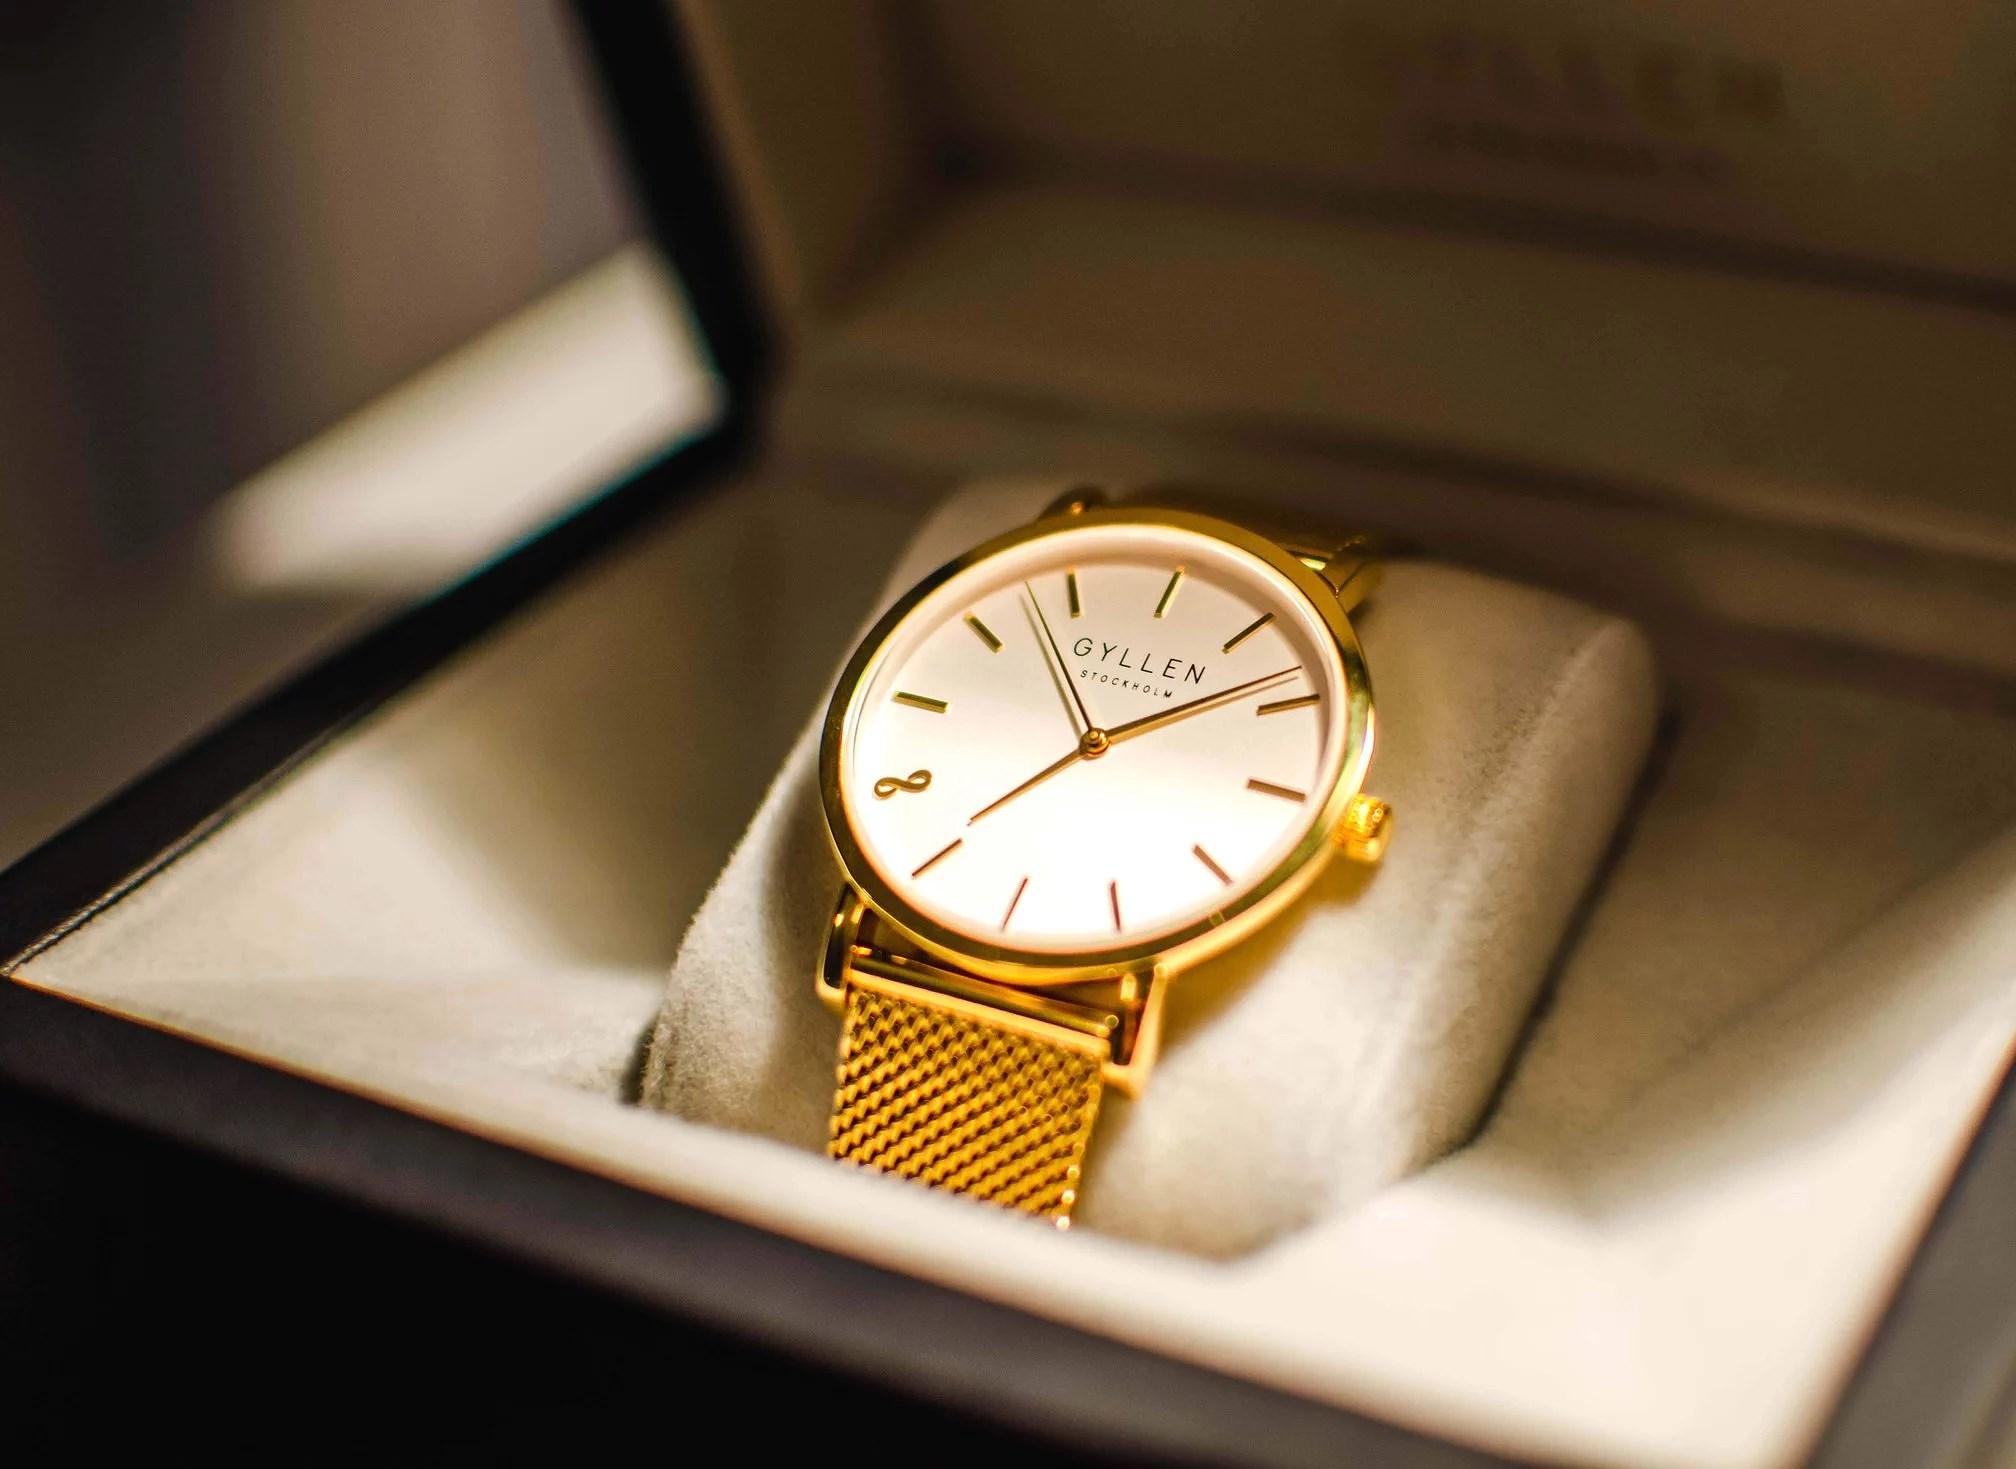 I samarbete med Gyllen Watches